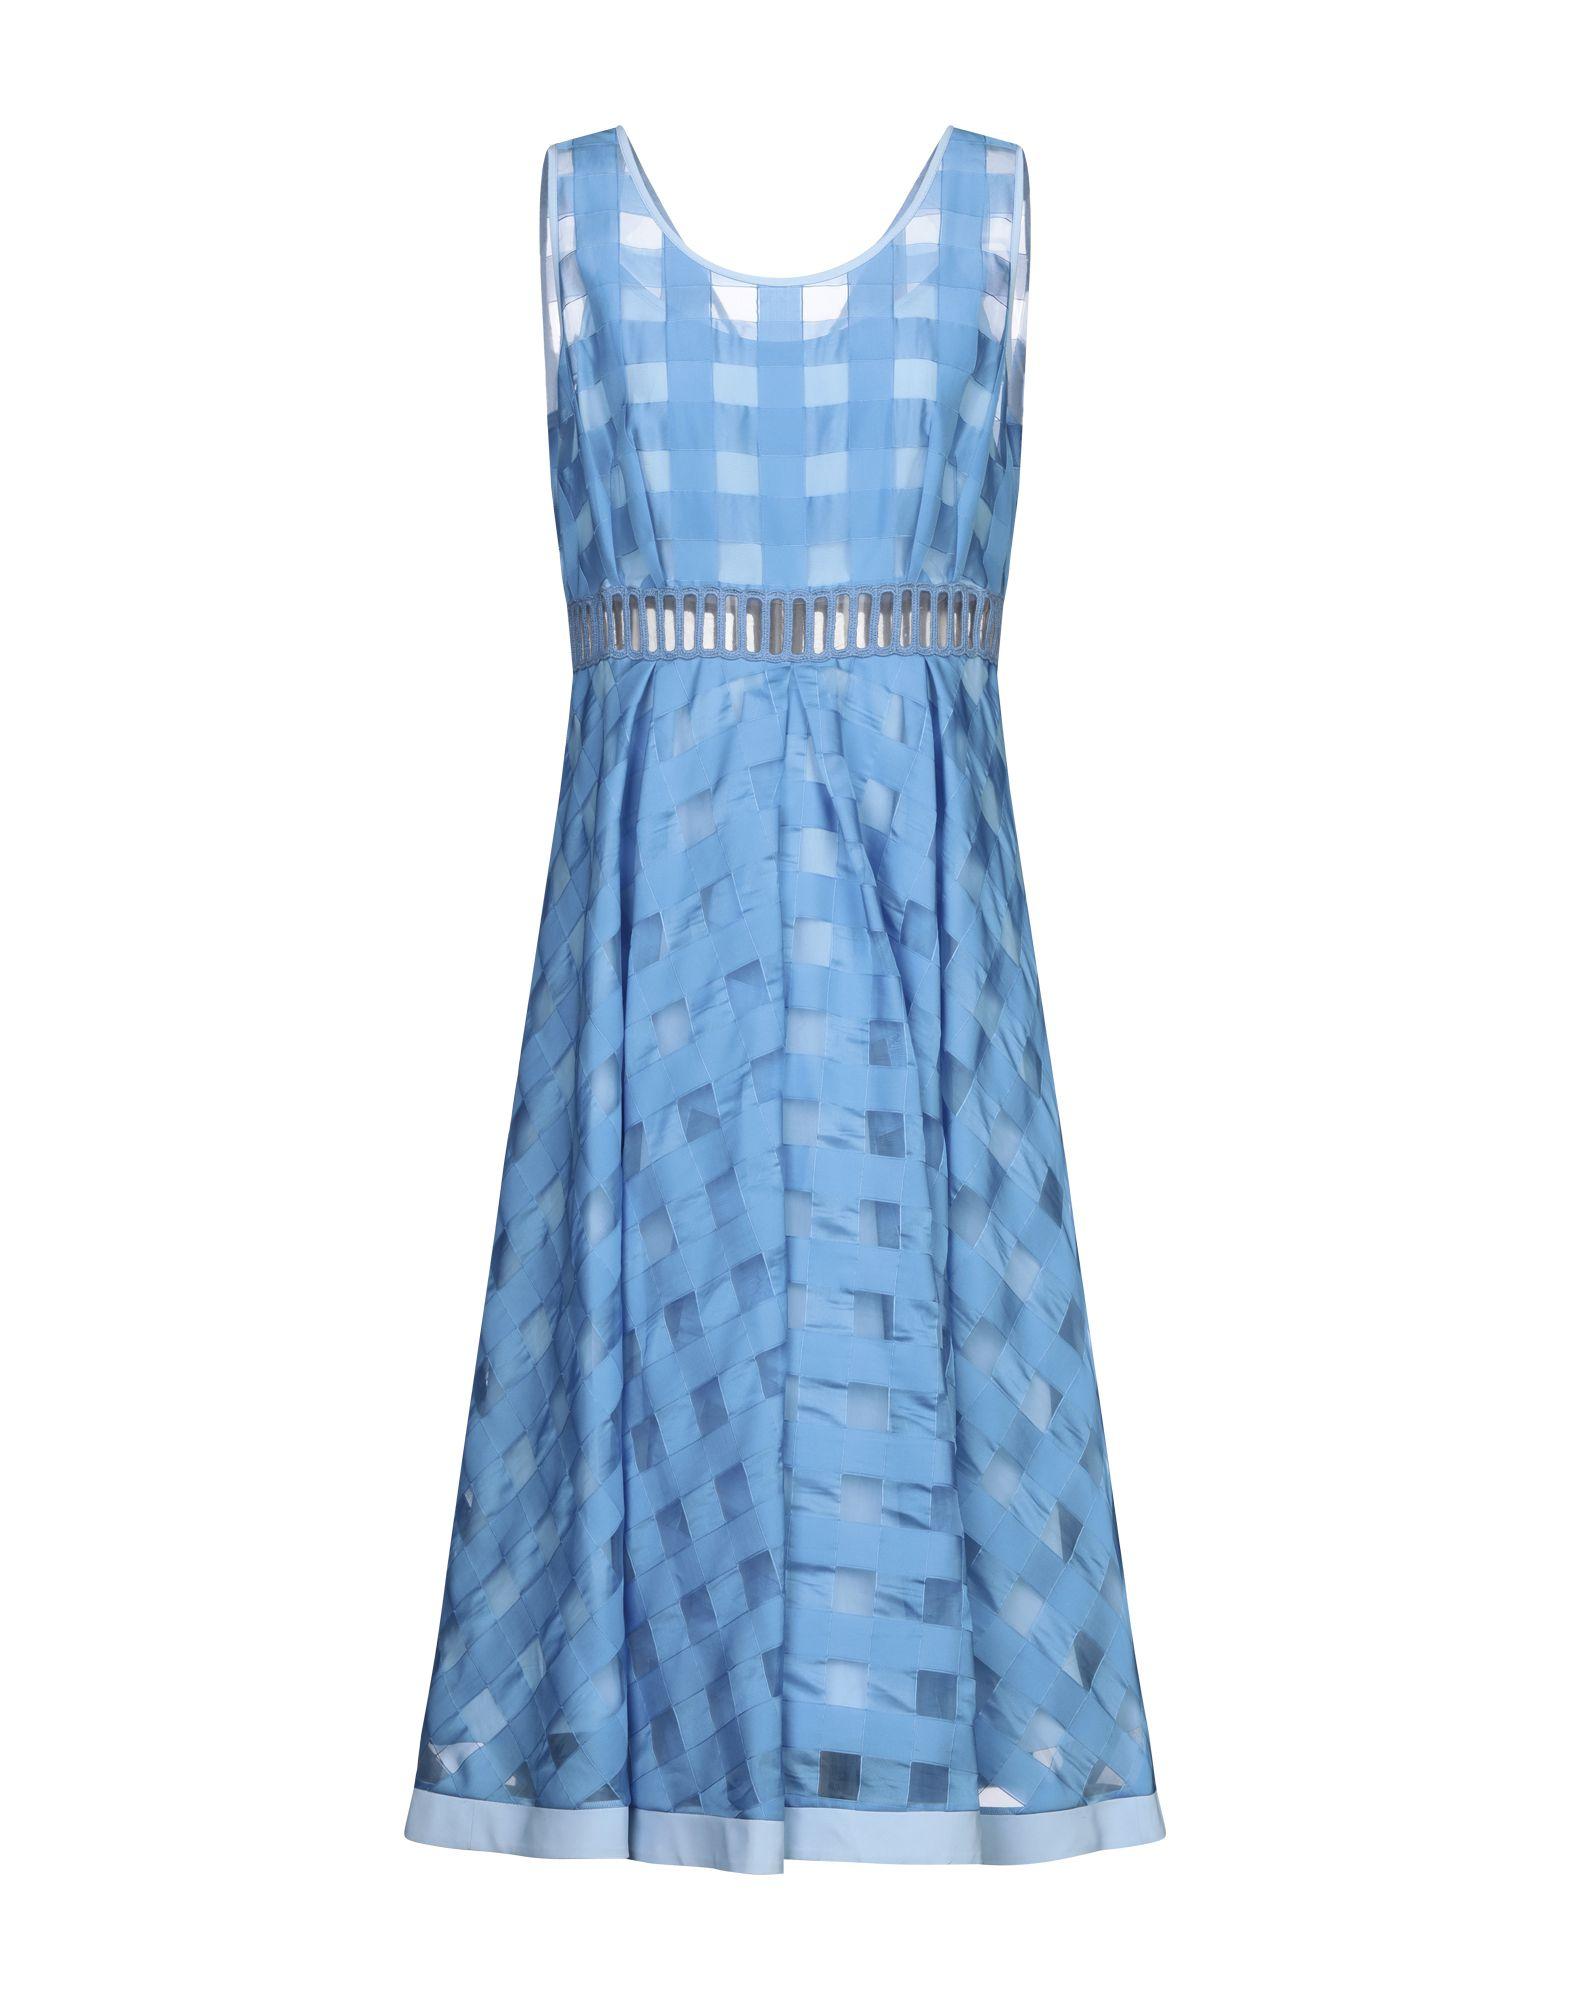 22 MAGGIO by MARIA GRAZIA SEVERI Платье длиной 3/4